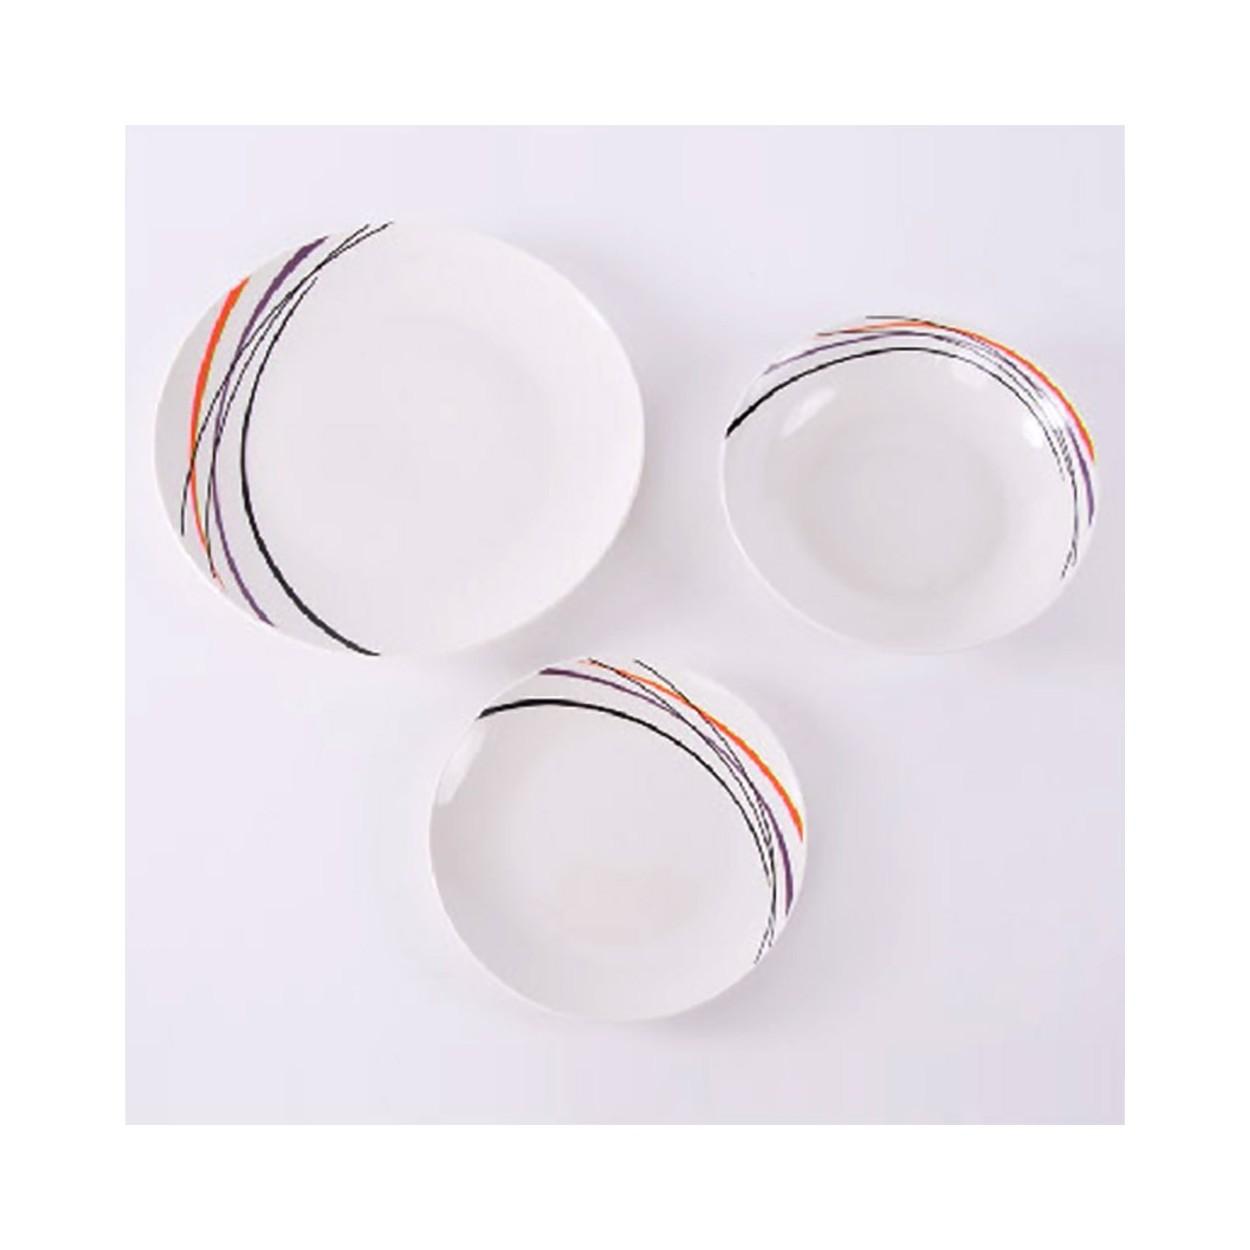 Vajilla porcelana brillante rayas 18 piezas hogar y m s - Vajilla 18 piezas ...